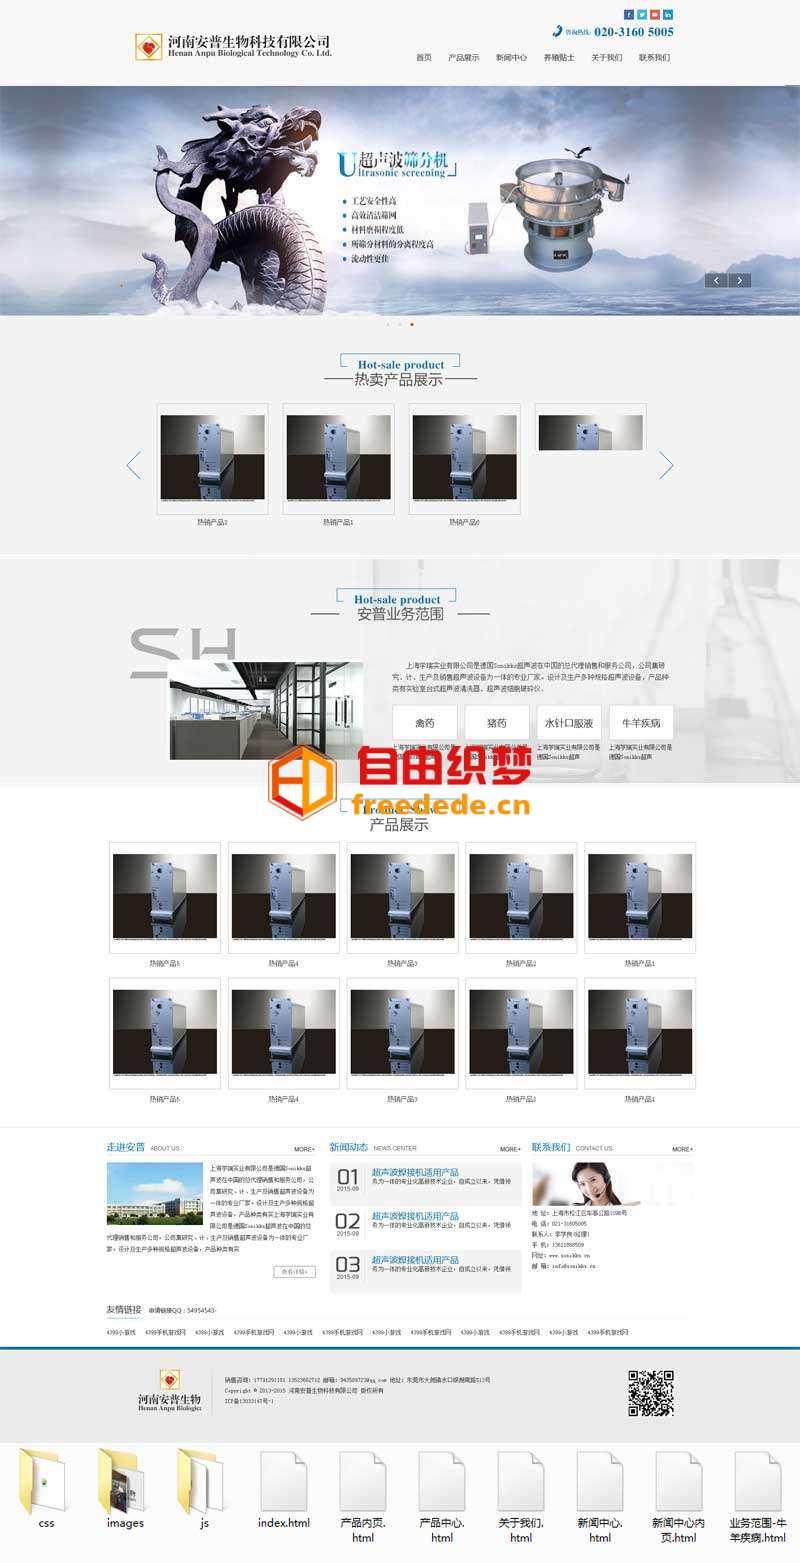 爱上源码网文章简洁的生物科技实业公司网站模板的内容插图